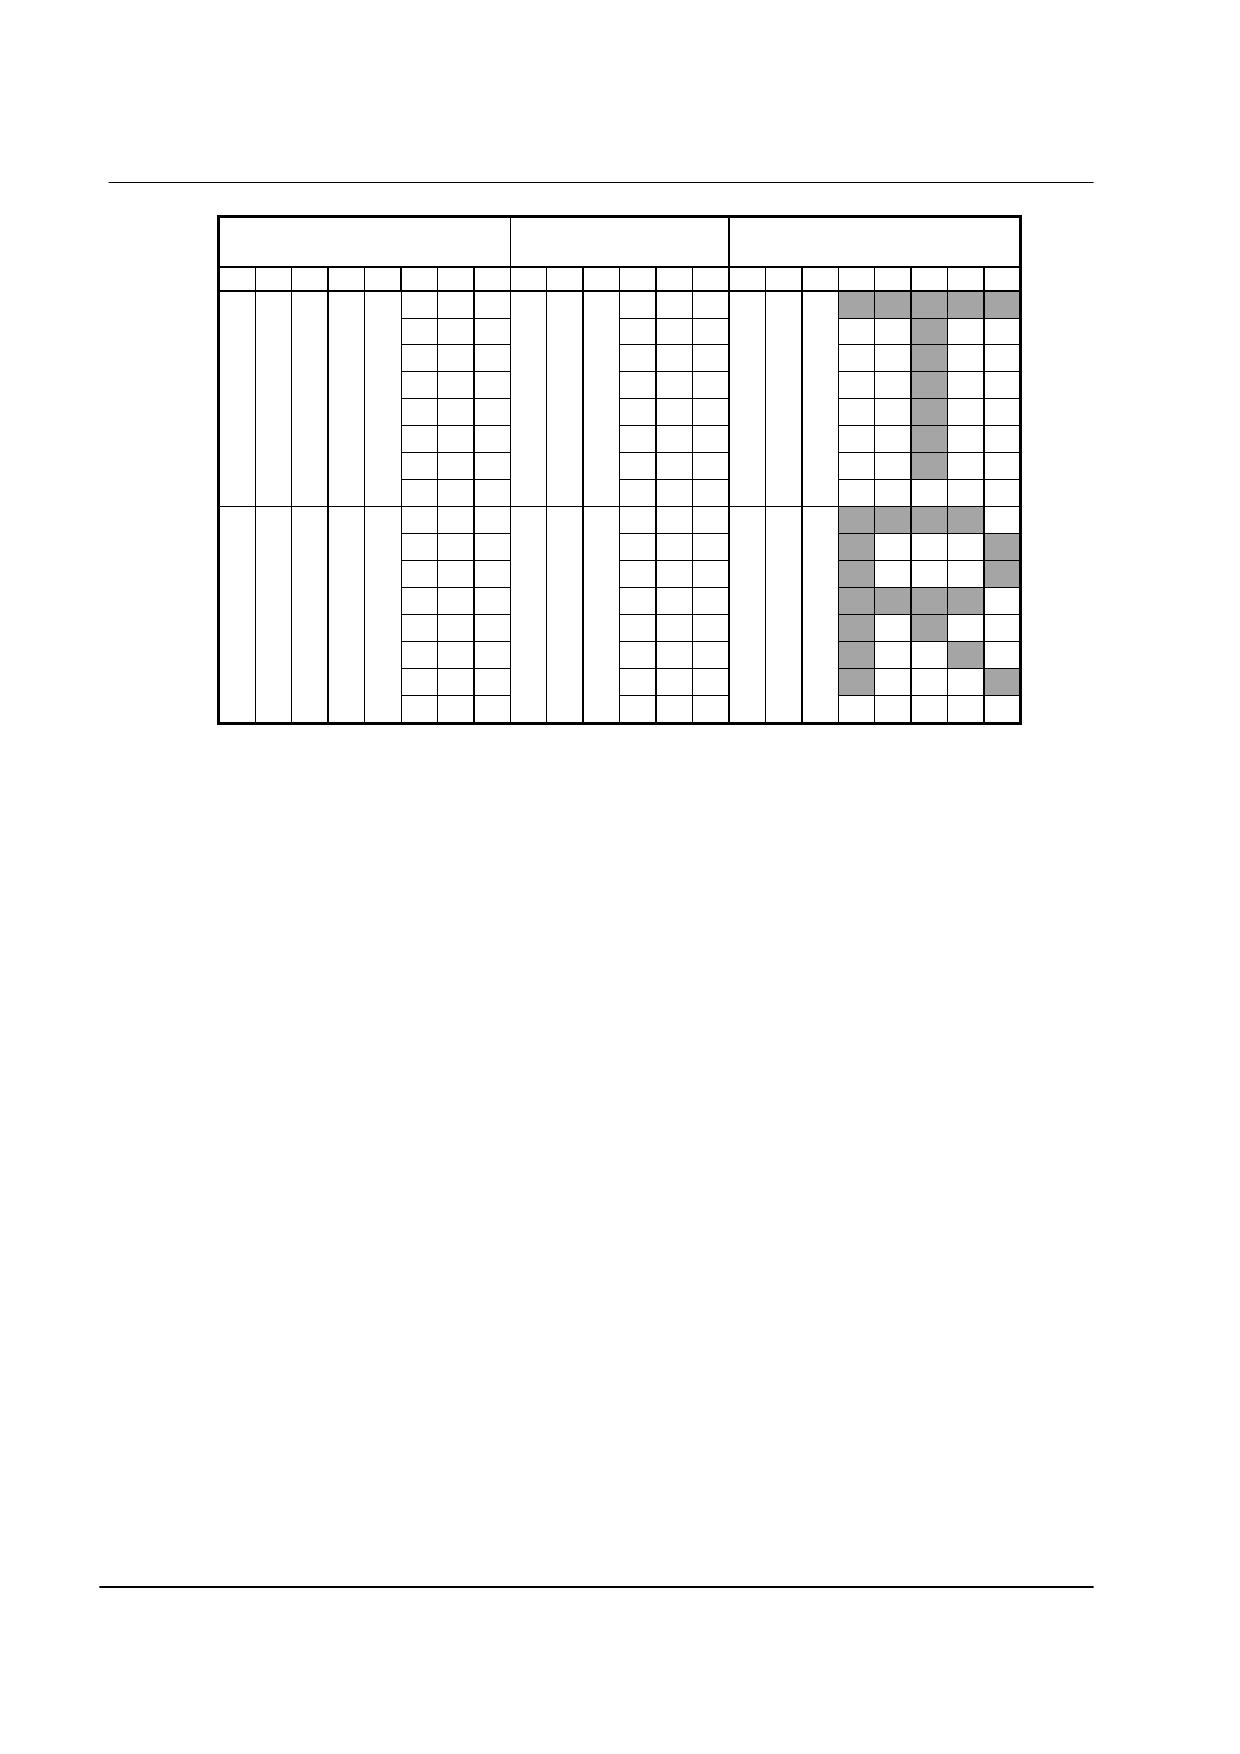 ST7066 pdf, datenblatt